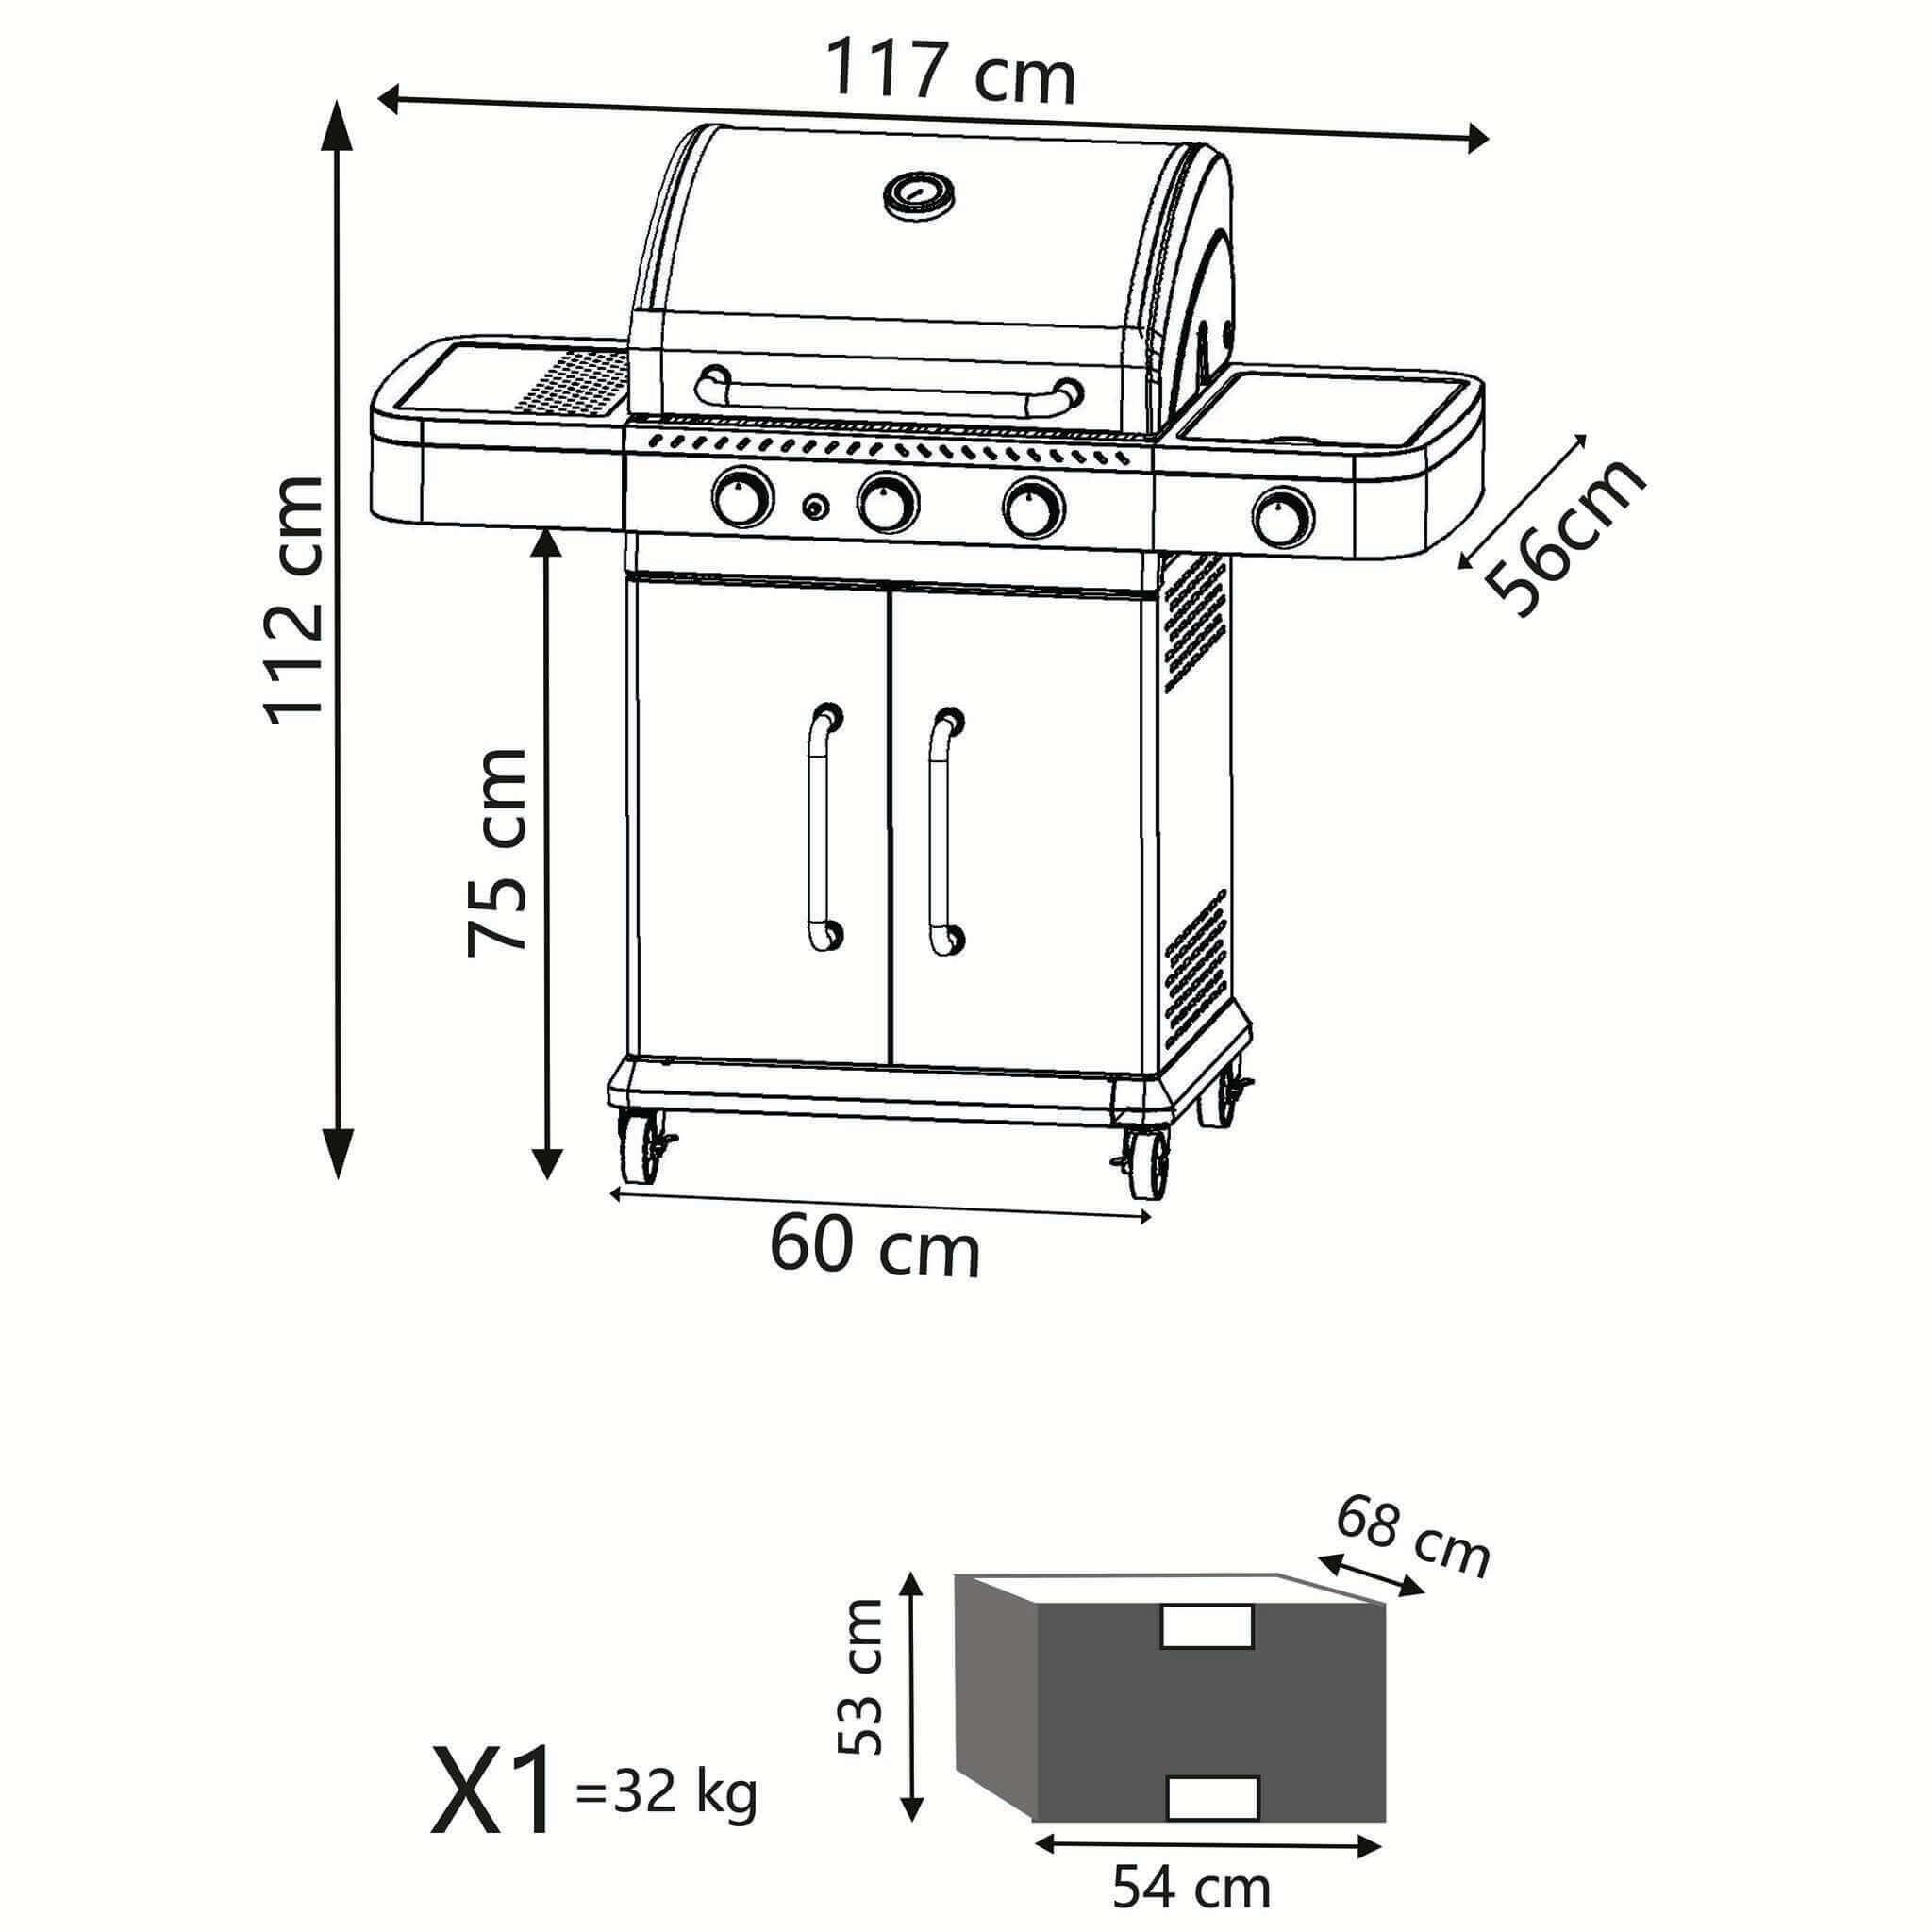 milani home keyron - barbecue a gas in acciaio inox 3 fuochi + 1 fuoco laterale